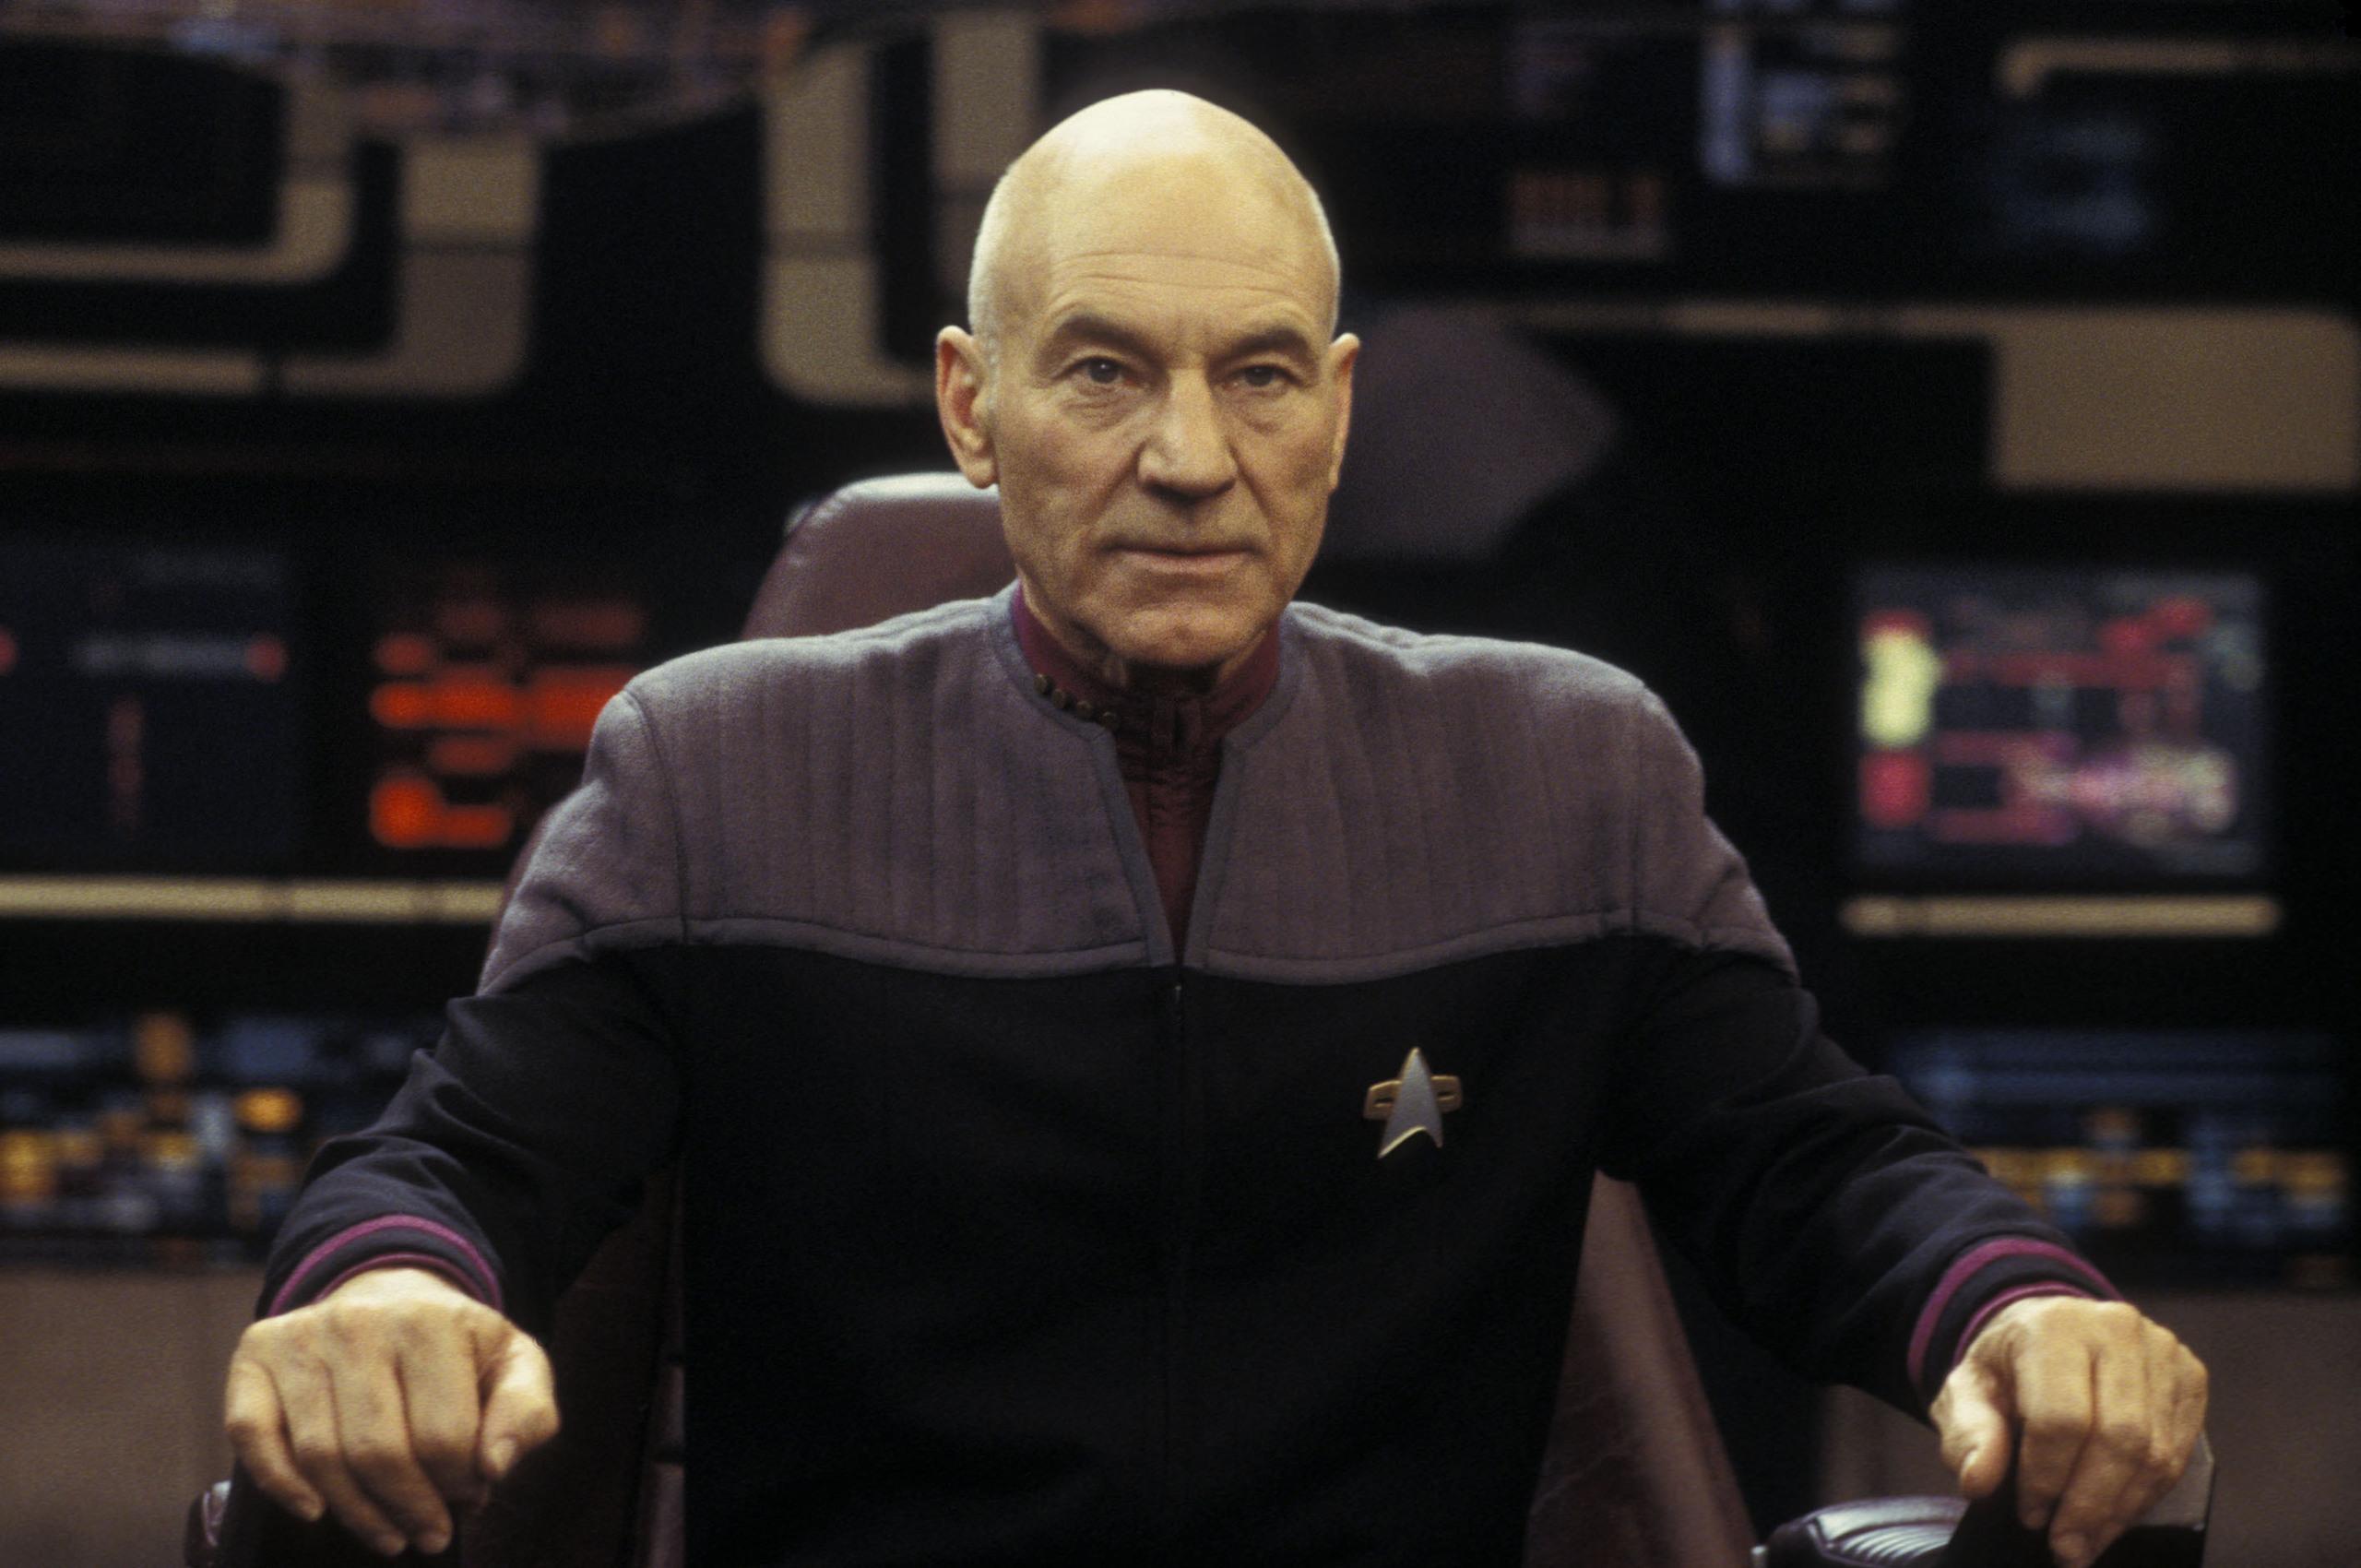 Jean-Luc-Picard-jean-luc-picard-12367070-2560-1700